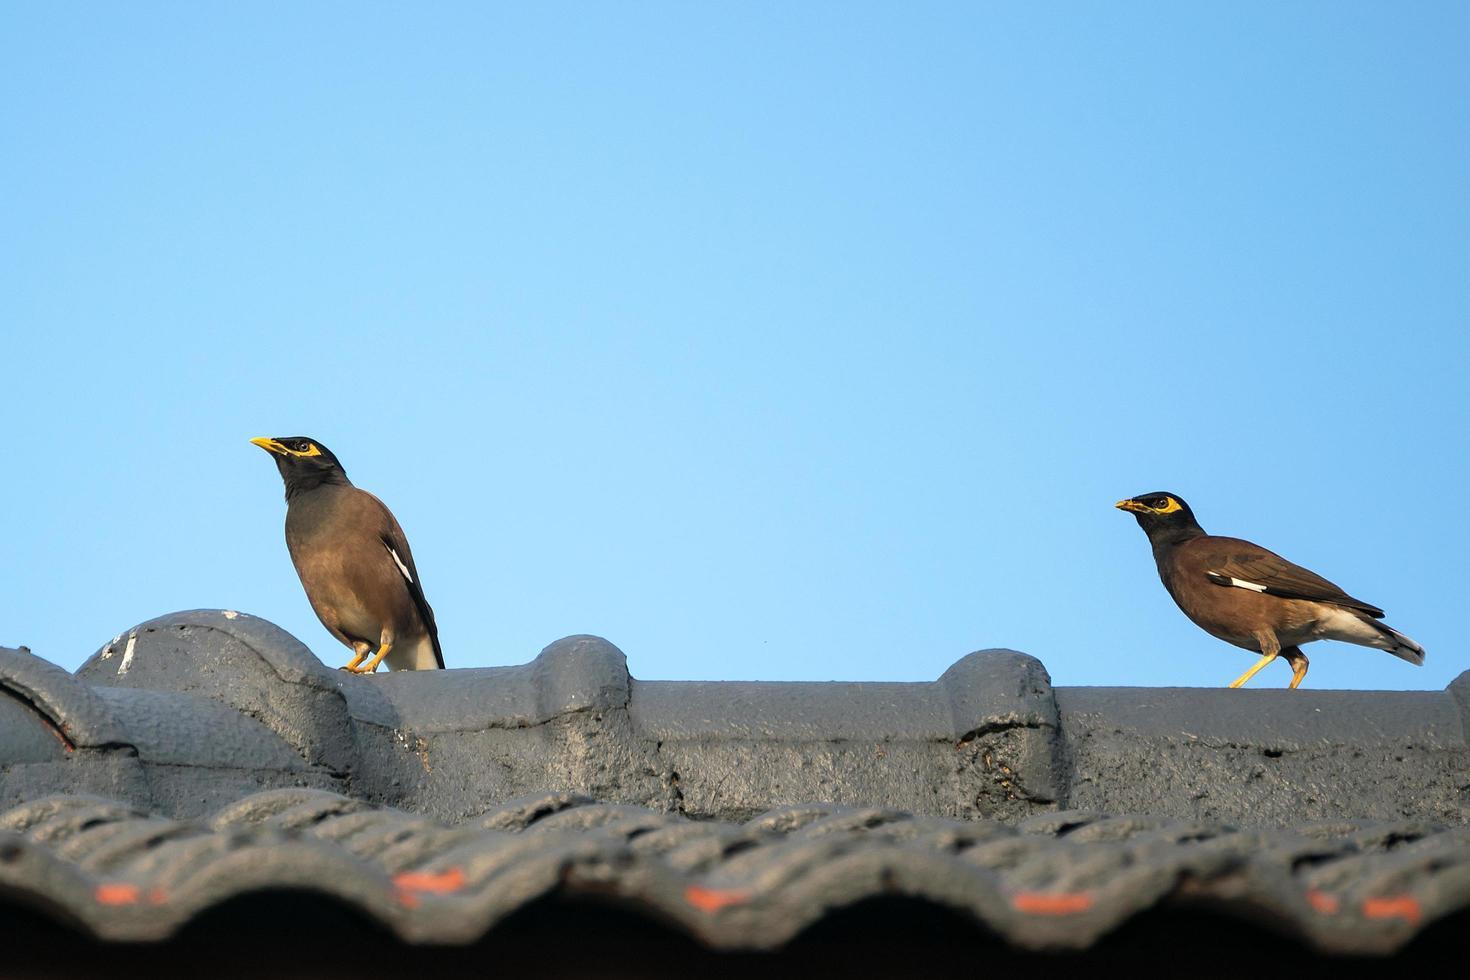 två fåglar uppe på ett tak foto